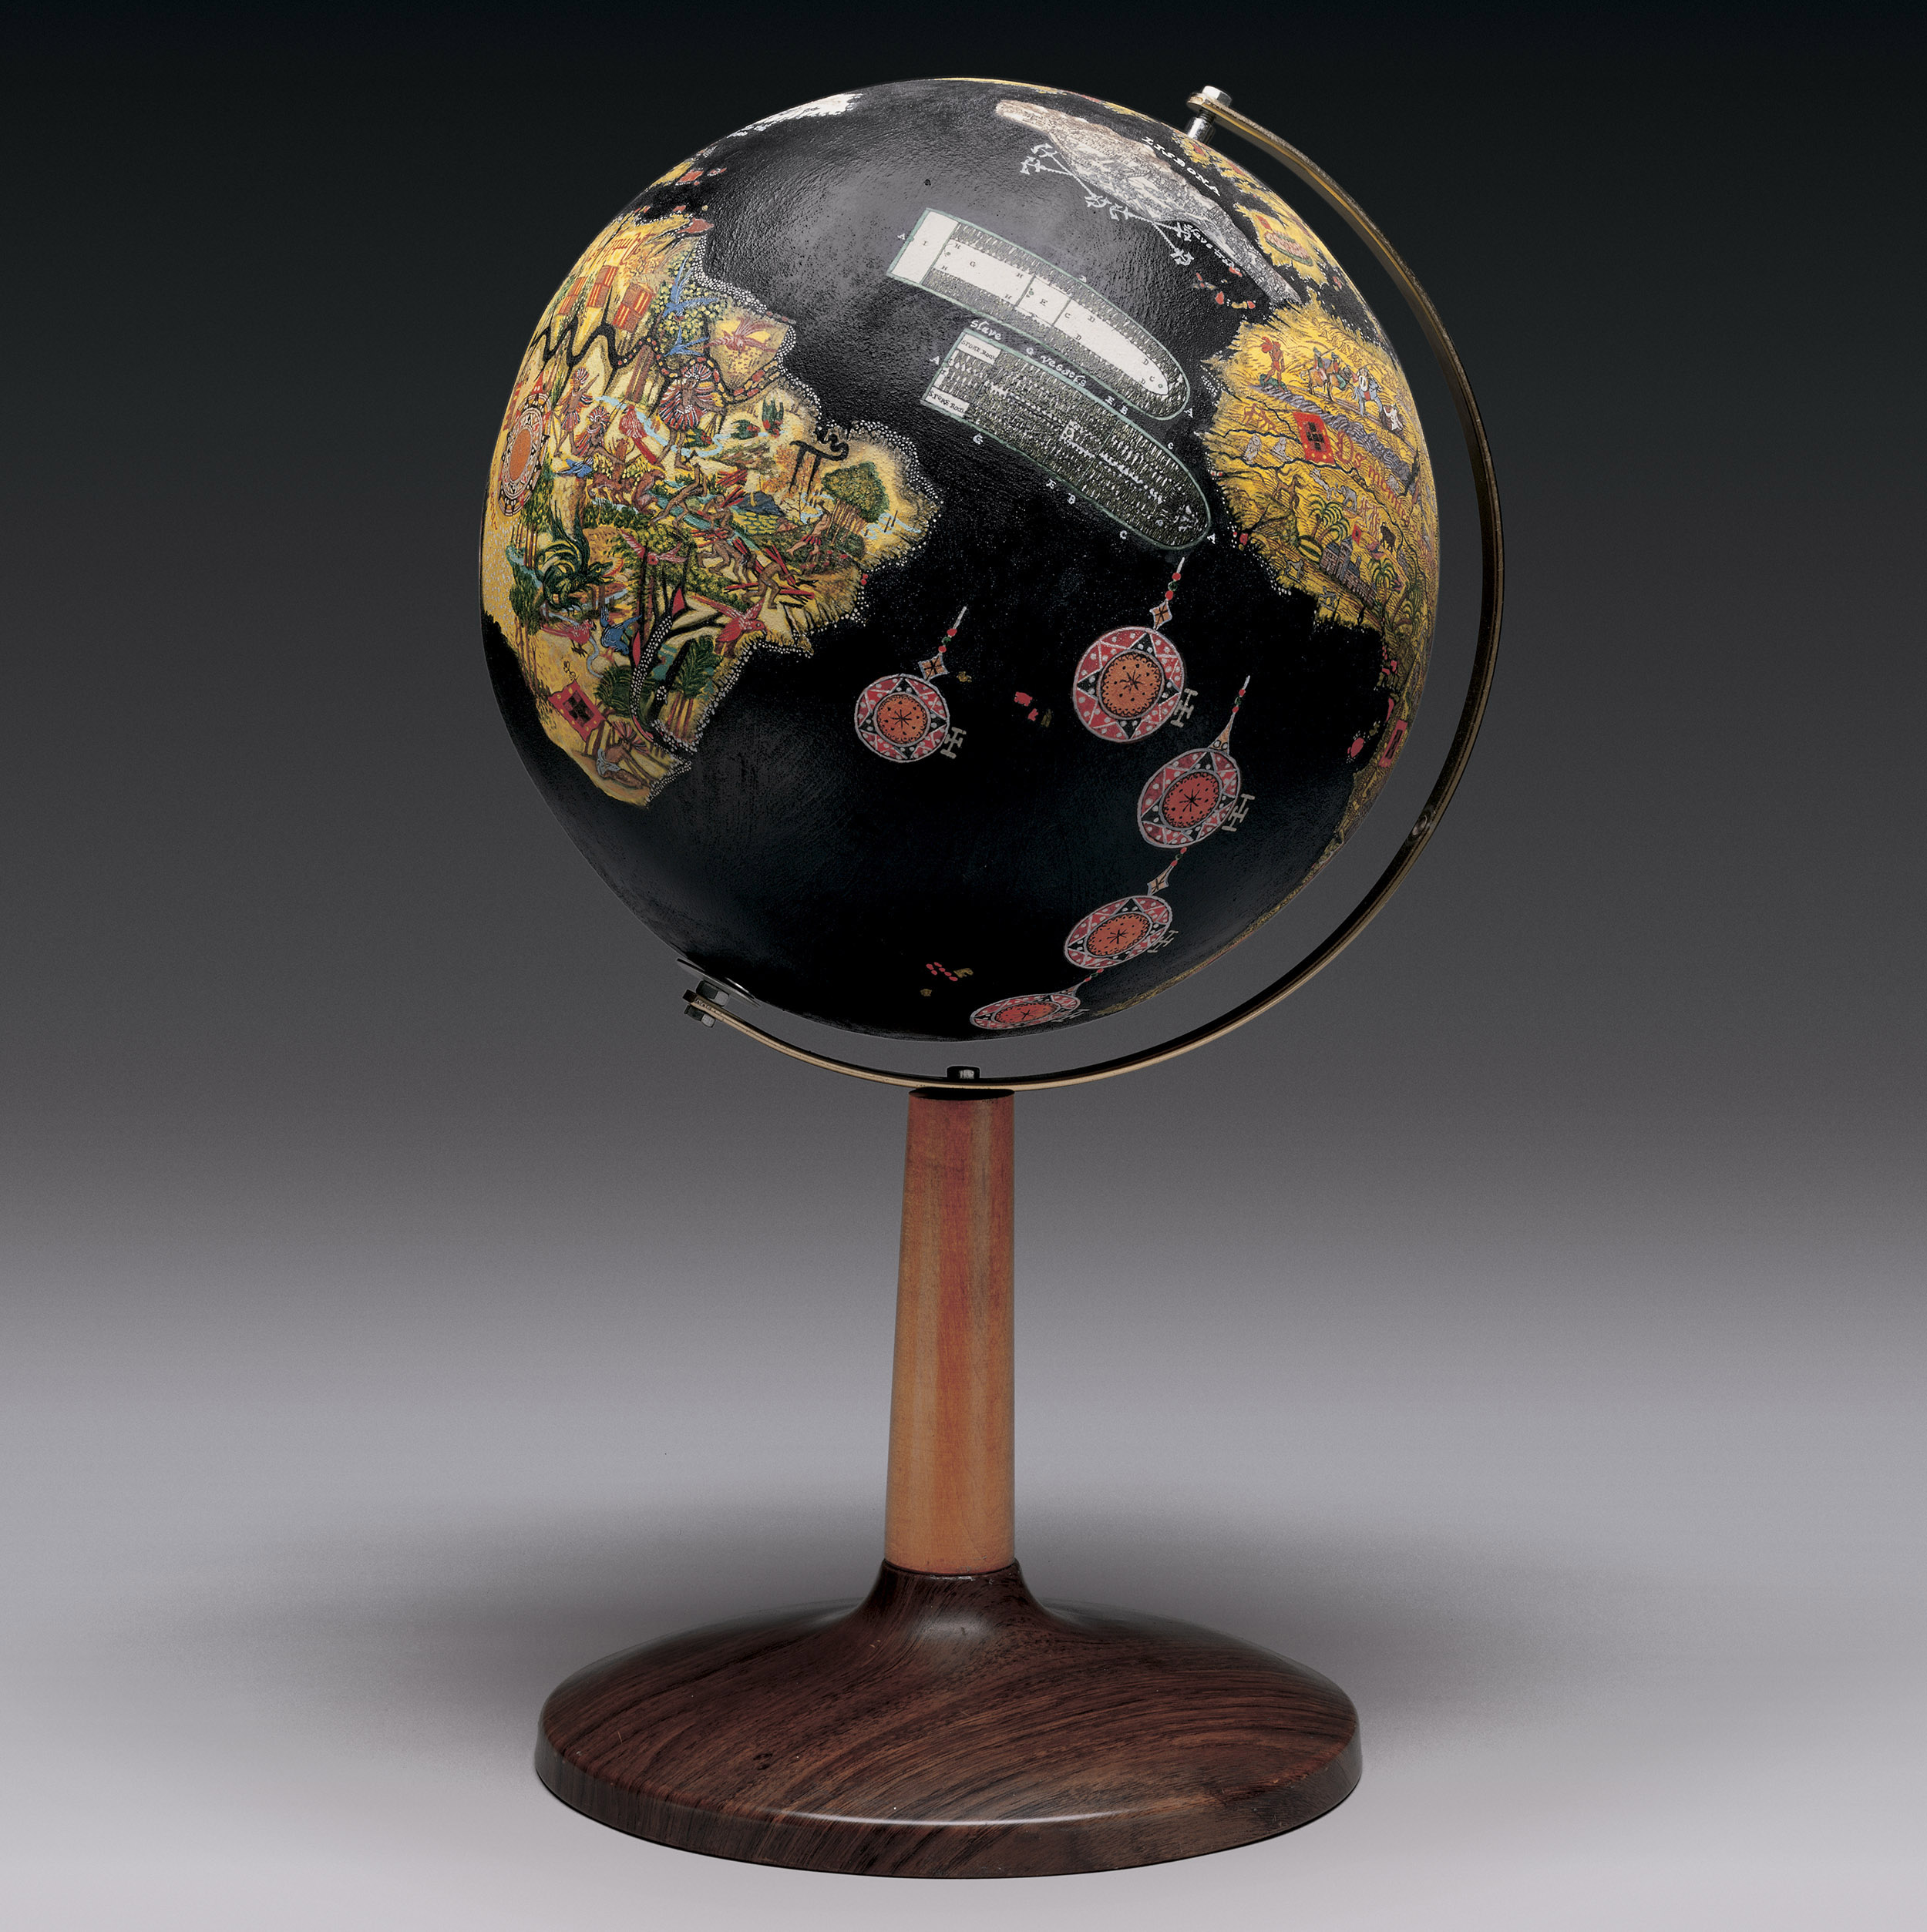 1998-2000: Knowledge: Frescoes & Globes